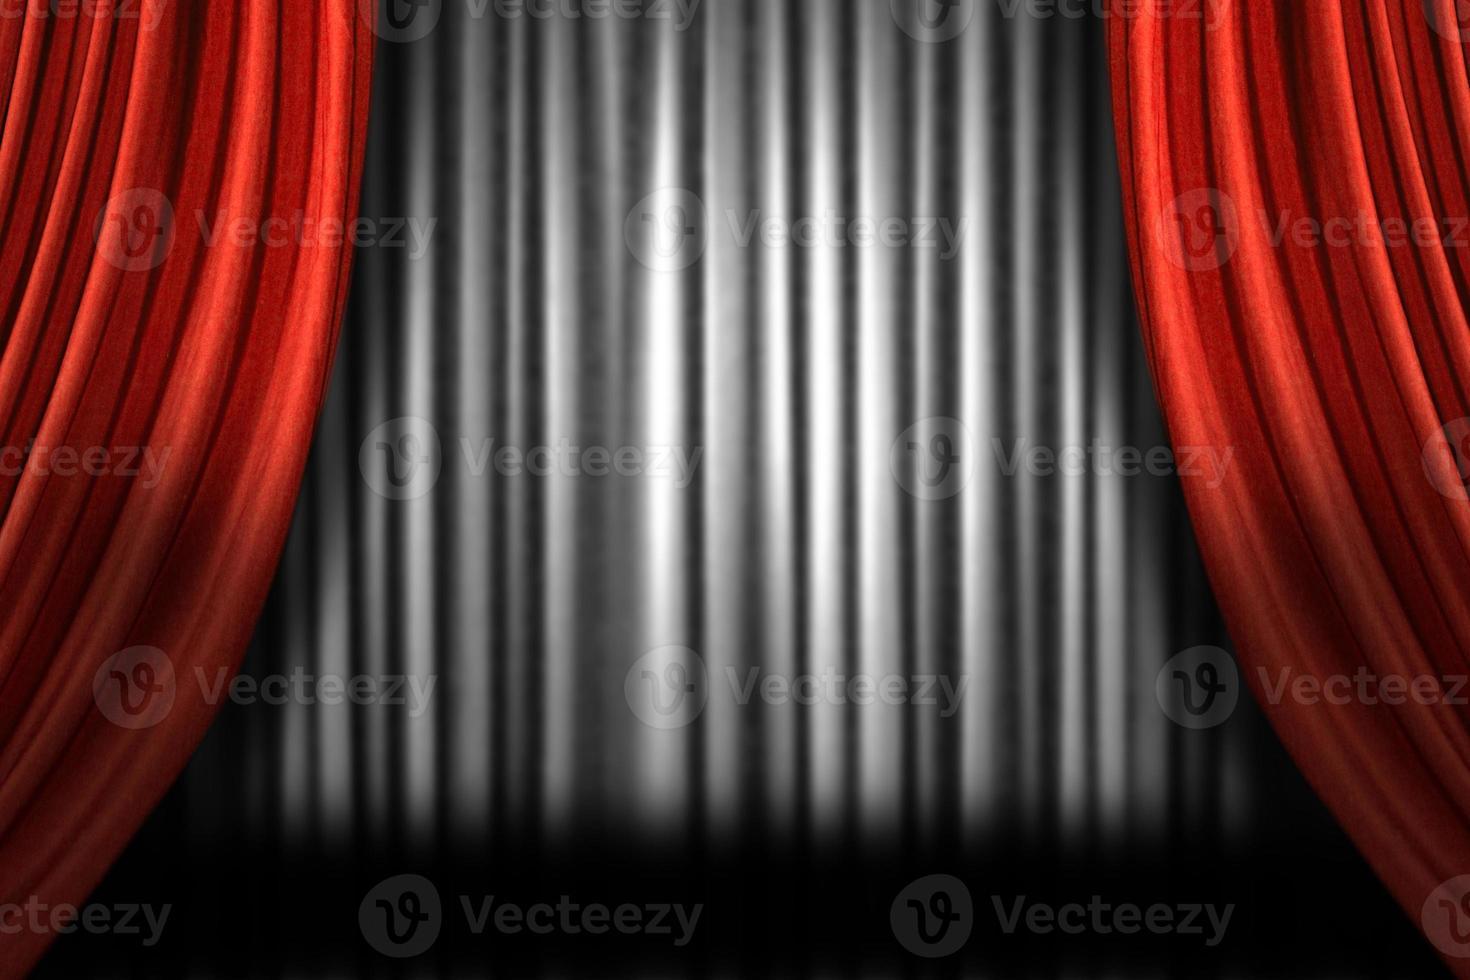 cortinas de escenario horizontales foto